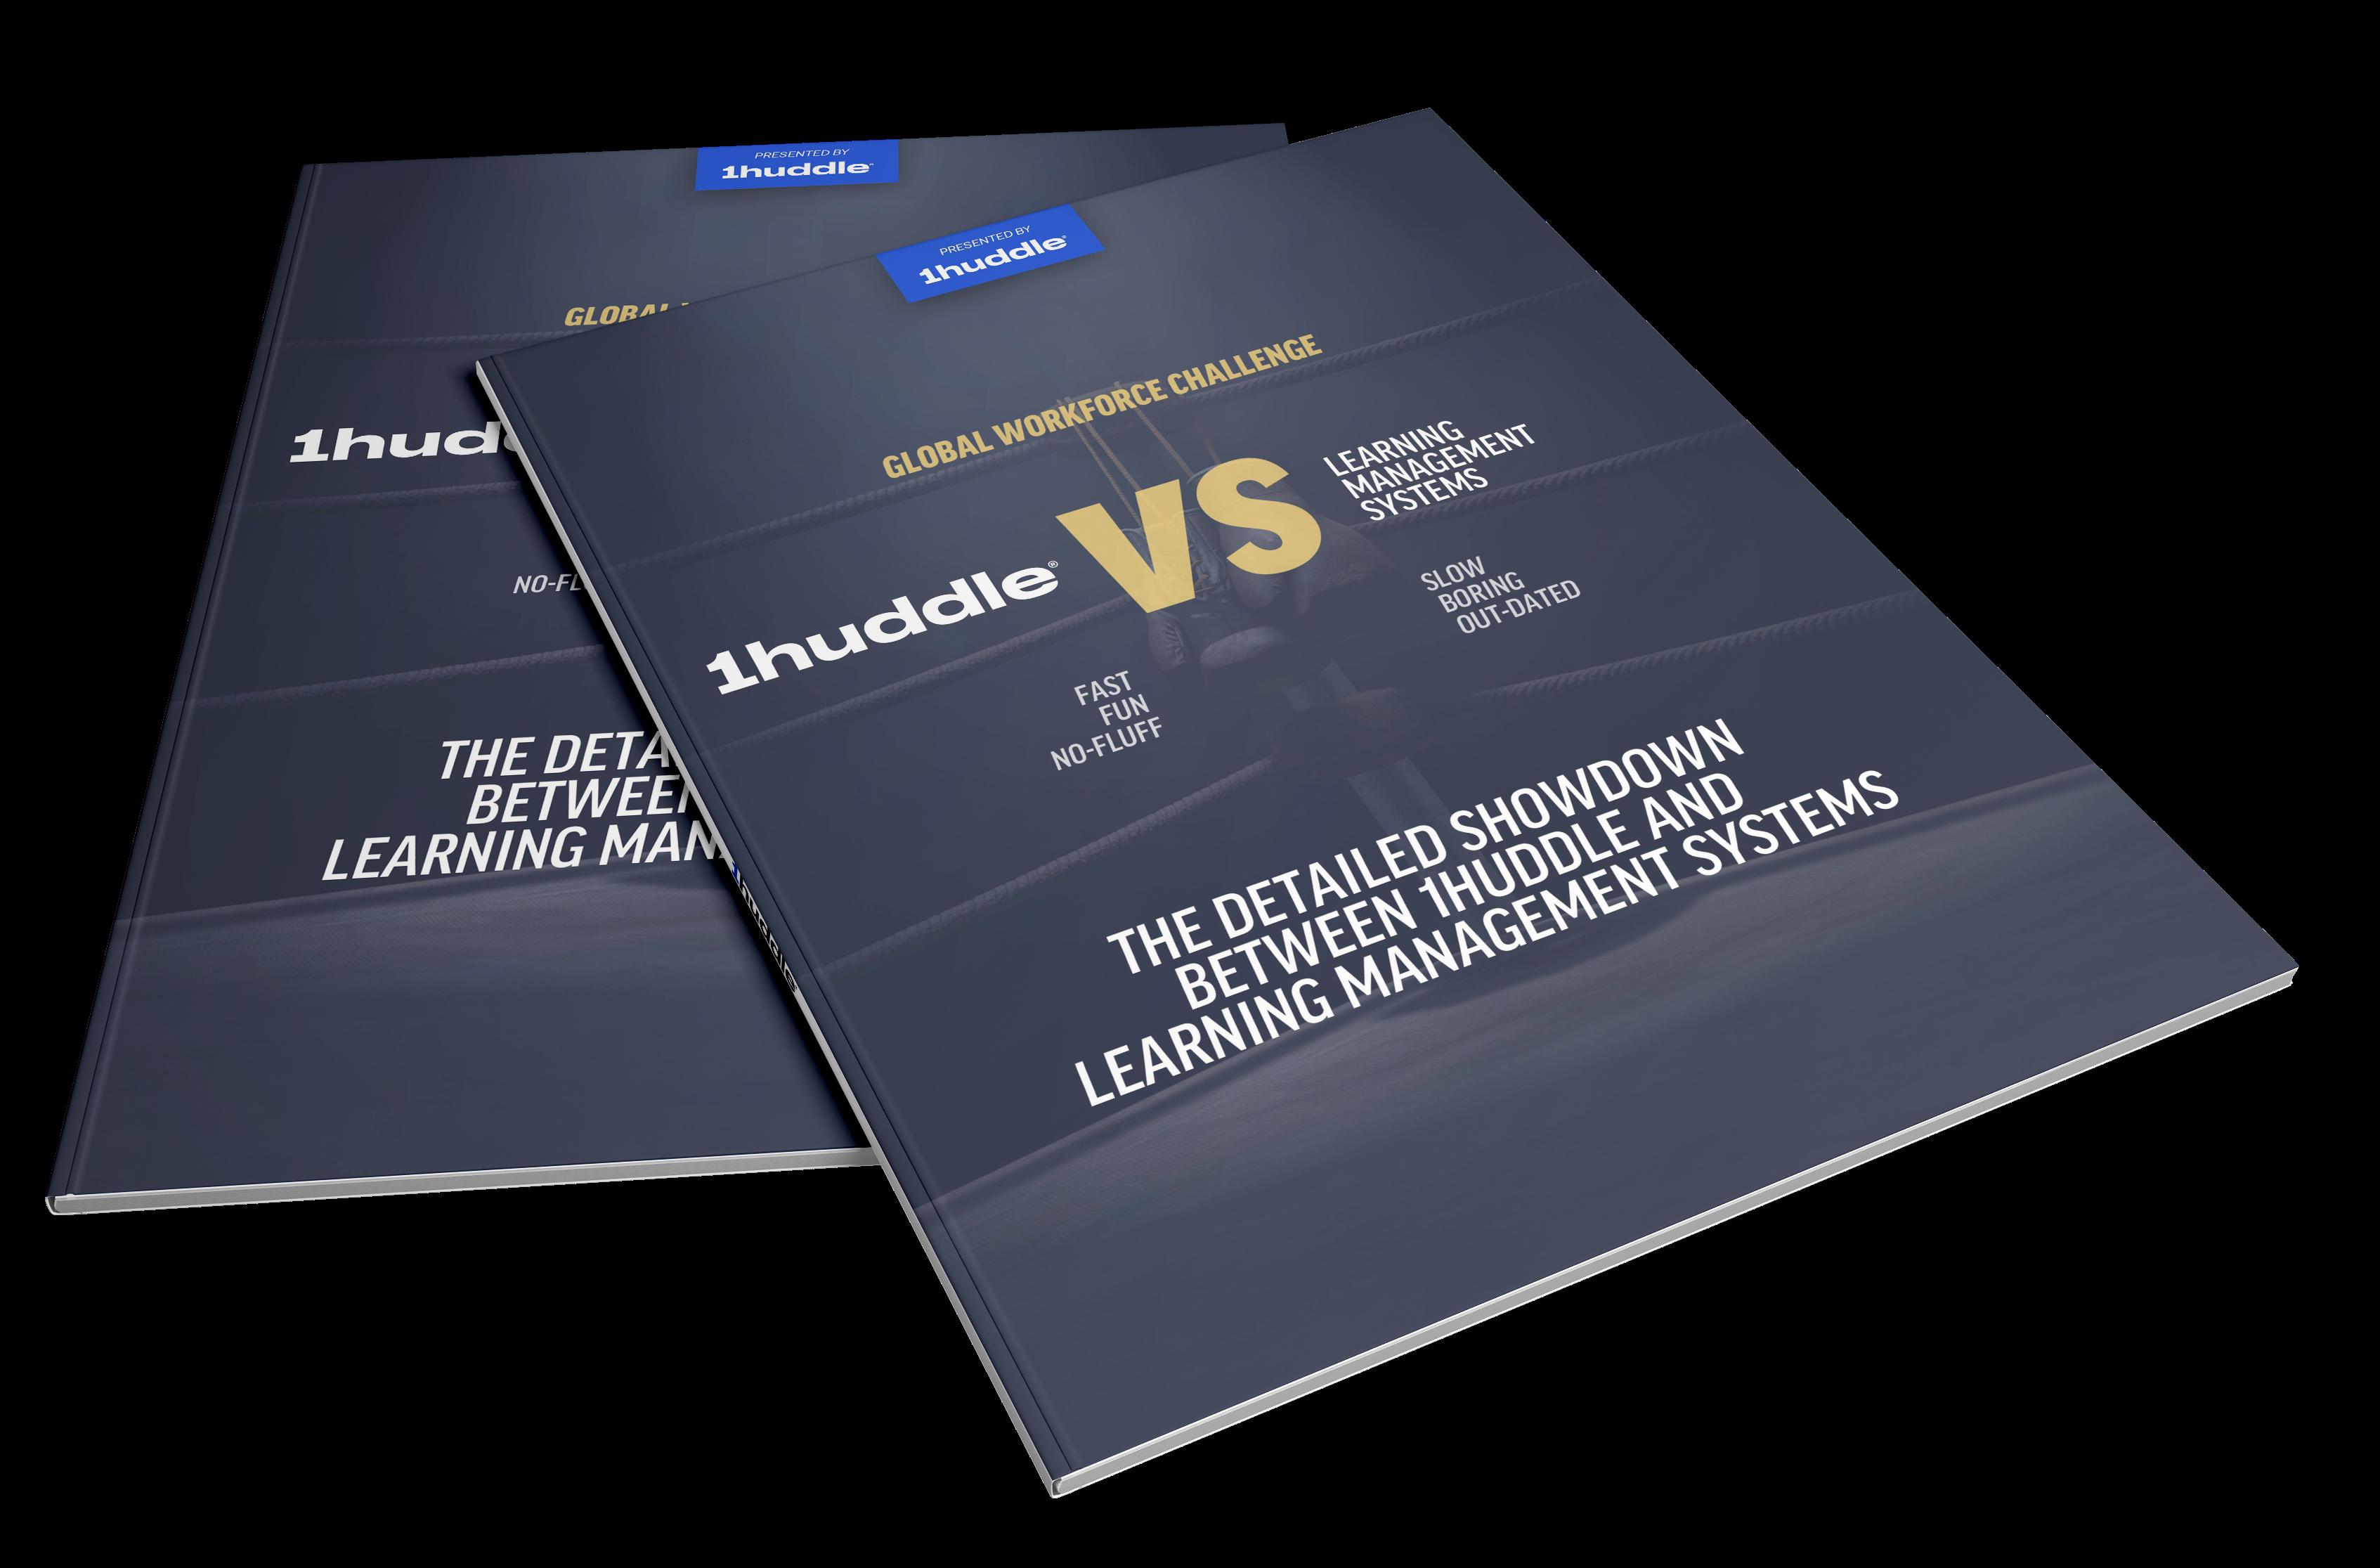 1Huddle vs LMS-2